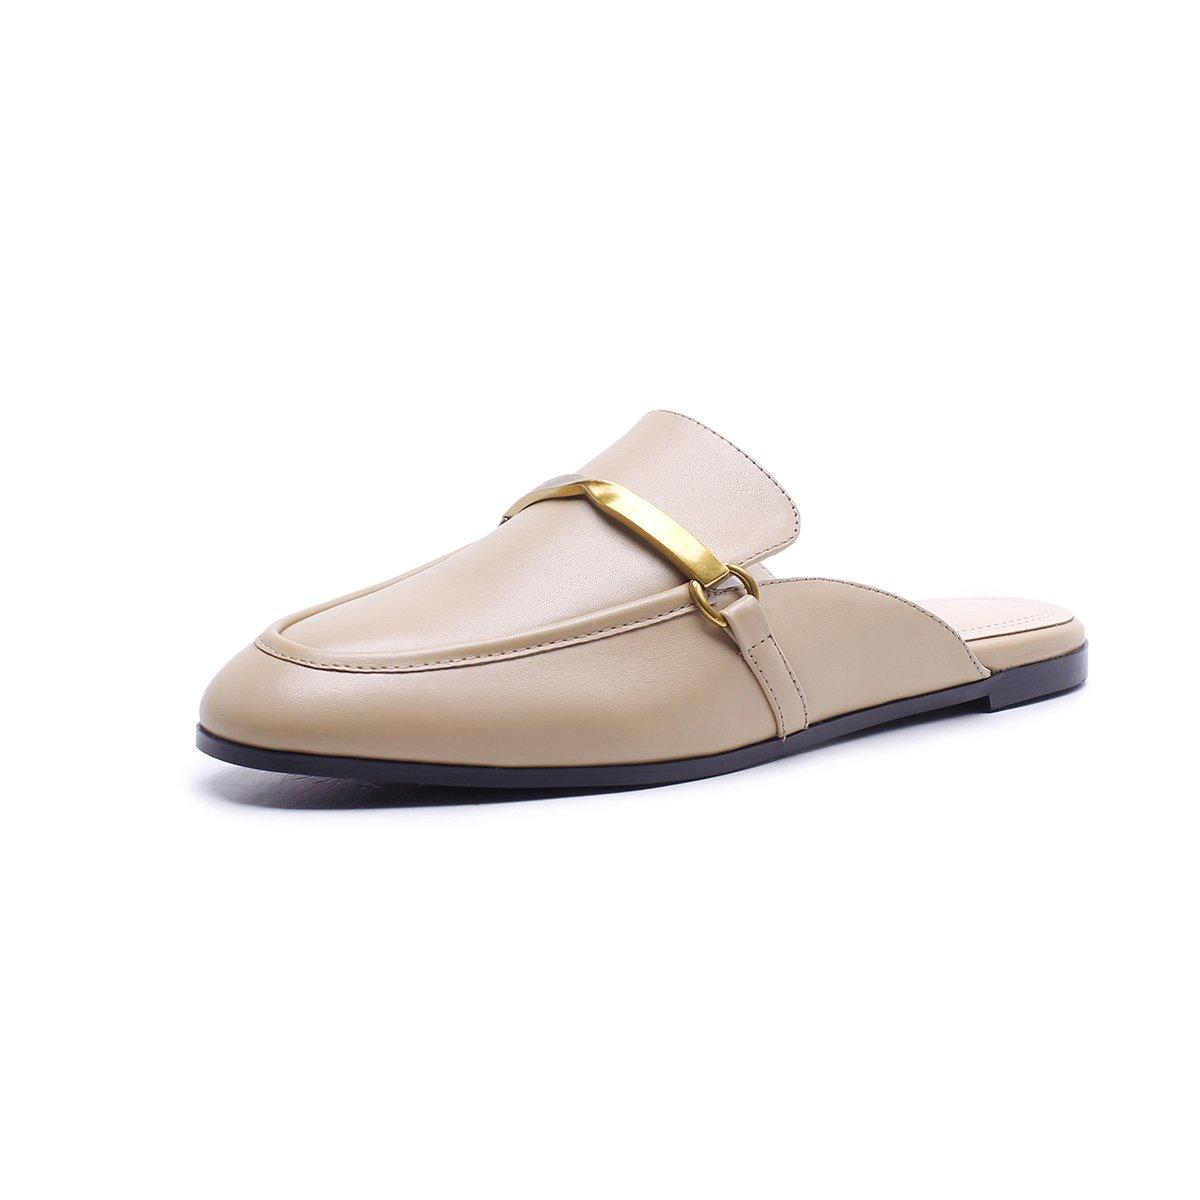 XUE Damenschuhe Leder Sommer Komfort Sandalen/Hausschuhe & & & Flip-Flops Leichte atmungsaktive Wanderschuhe aushöhlen Mode Office Flat Loafers (Farbe : B, Größe : 38) B ca41ca